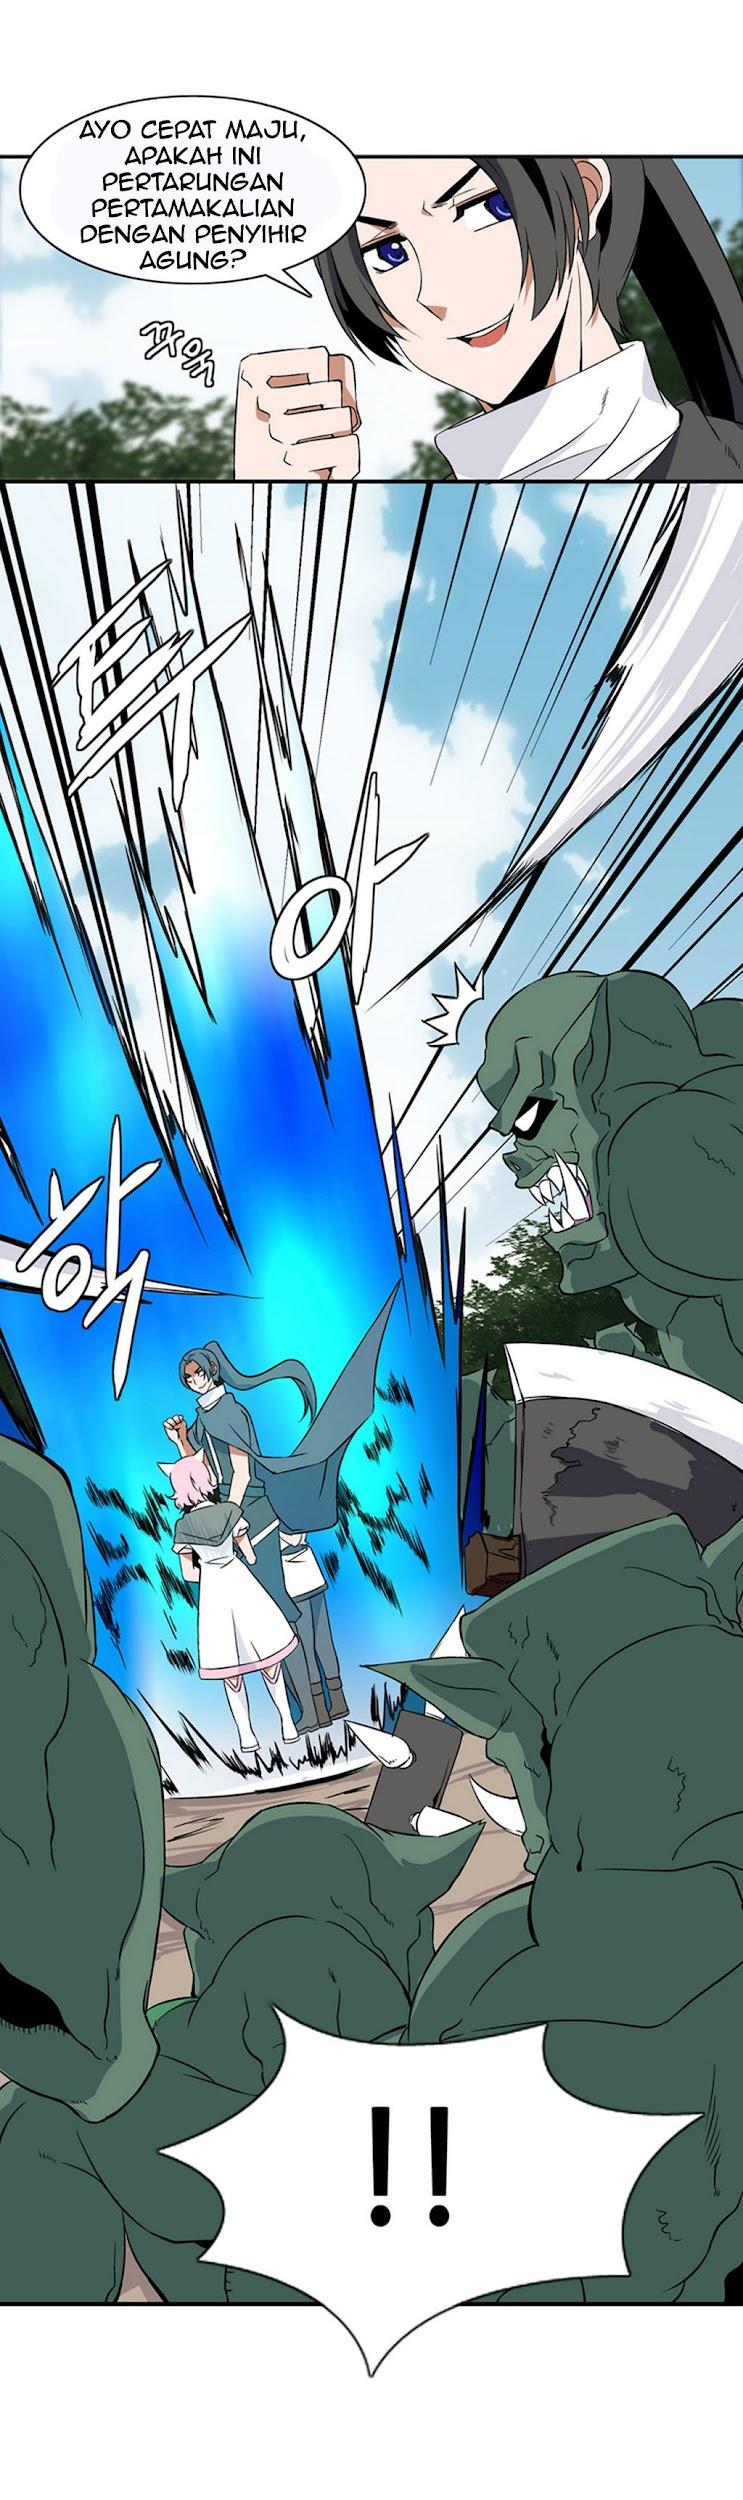 Dilarang COPAS - situs resmi www.mangacanblog.com - Komik wizardly tower 008 - chapter 8 9 Indonesia wizardly tower 008 - chapter 8 Terbaru 5|Baca Manga Komik Indonesia|Mangacan